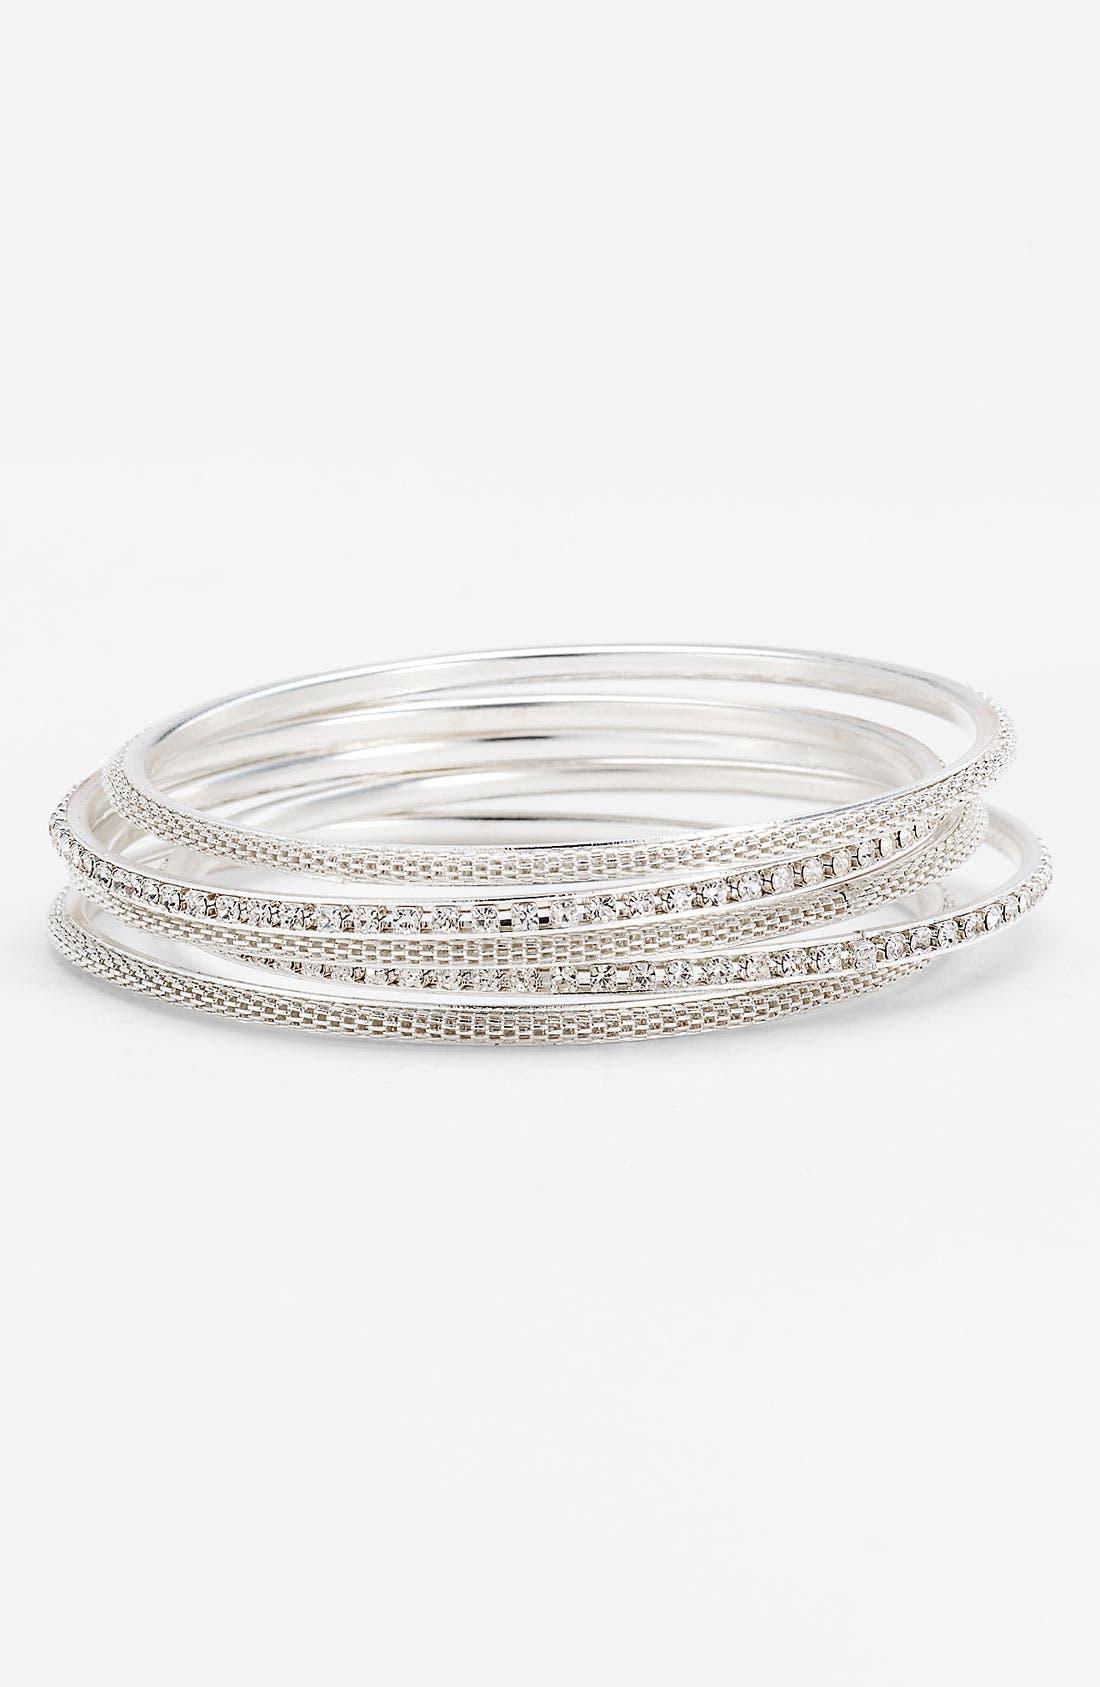 Alternate Image 1 Selected - Carole Rhinestone Bangle Bracelets (Set of 5)